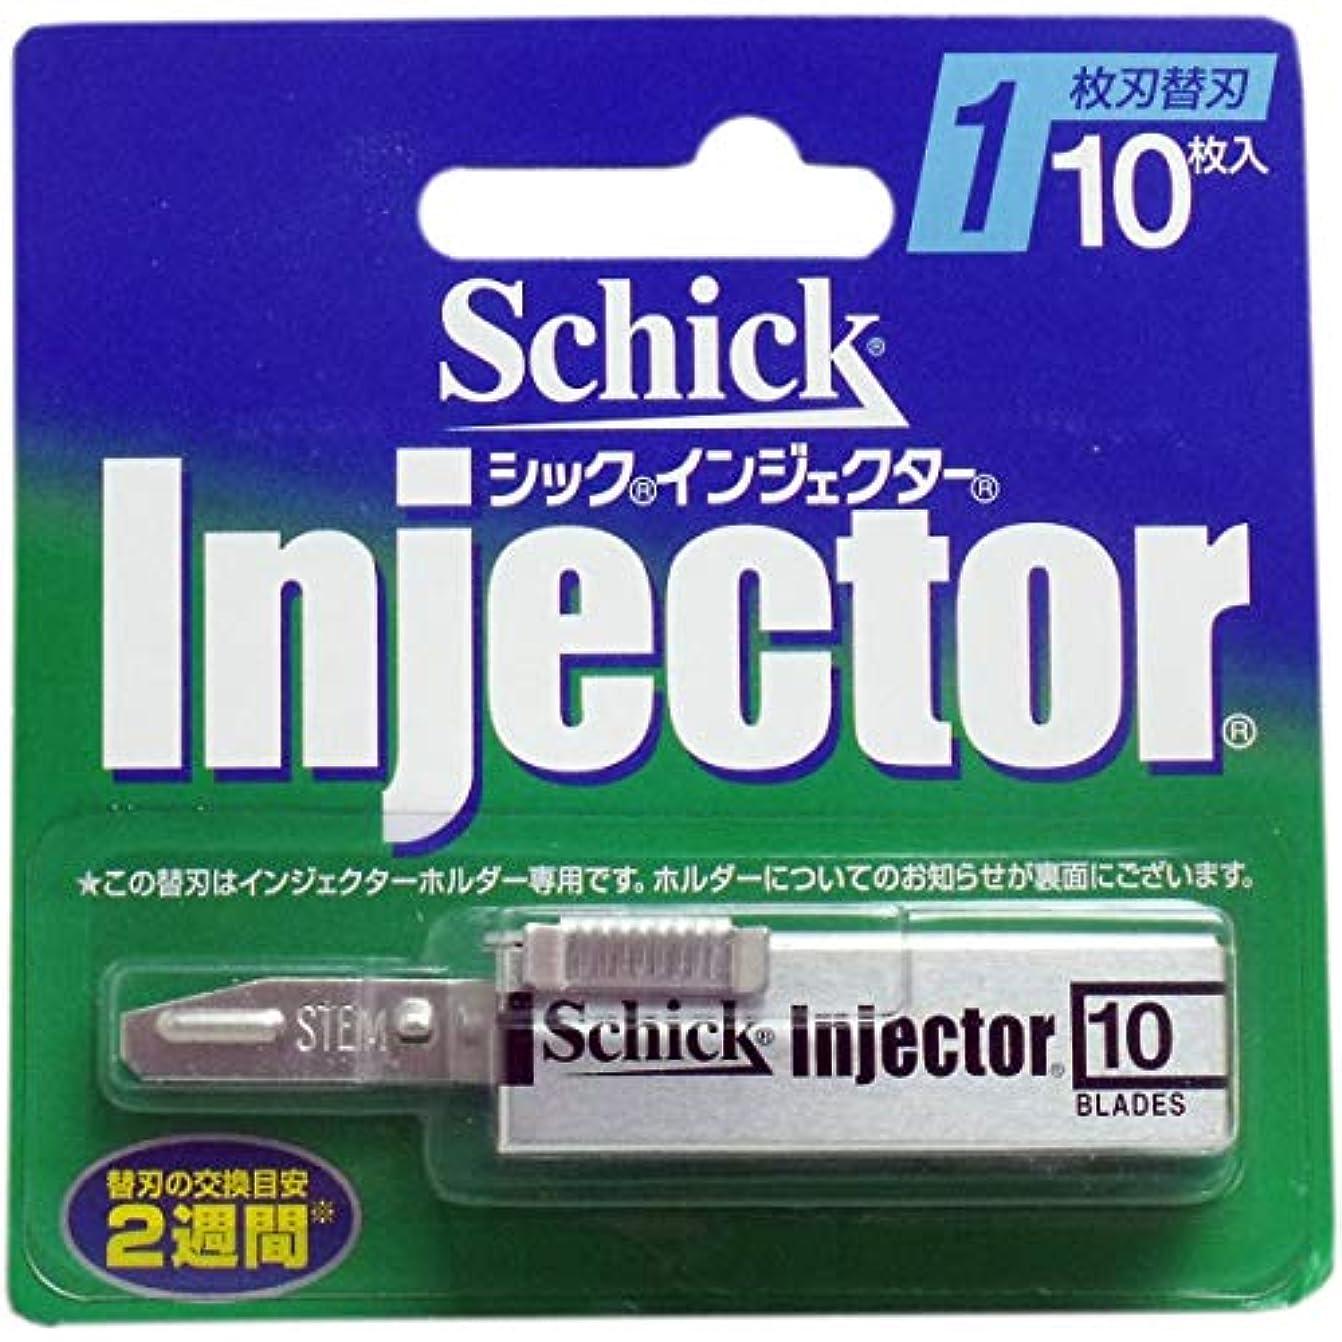 作る怖がって死ぬ精神的にシック インジェクター 1枚刃 替刃 10枚入(単品)